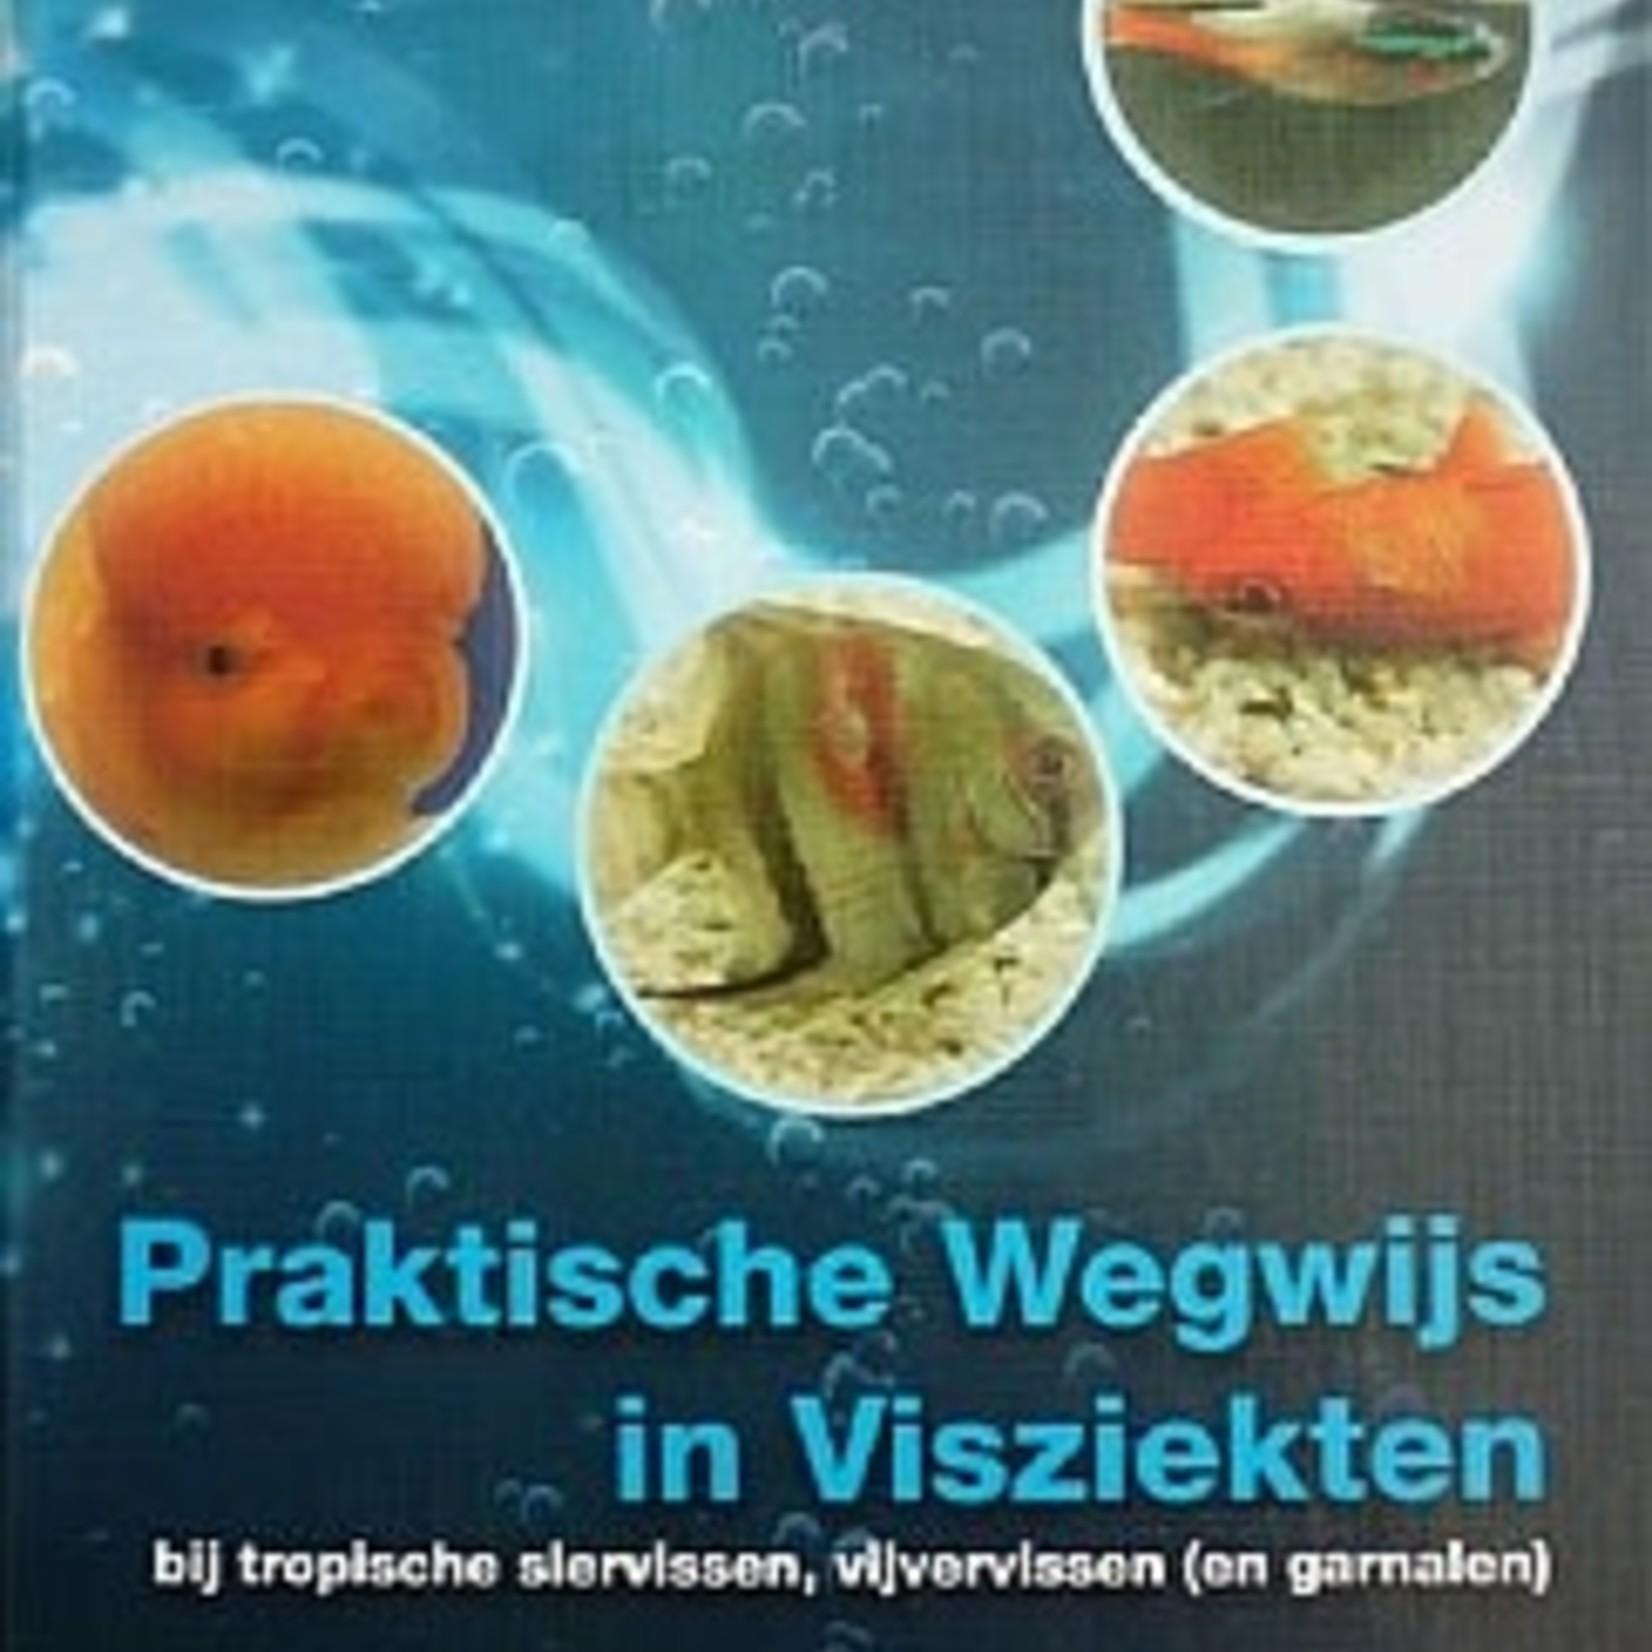 Dr Bassleer Praktische gids voor ziekten